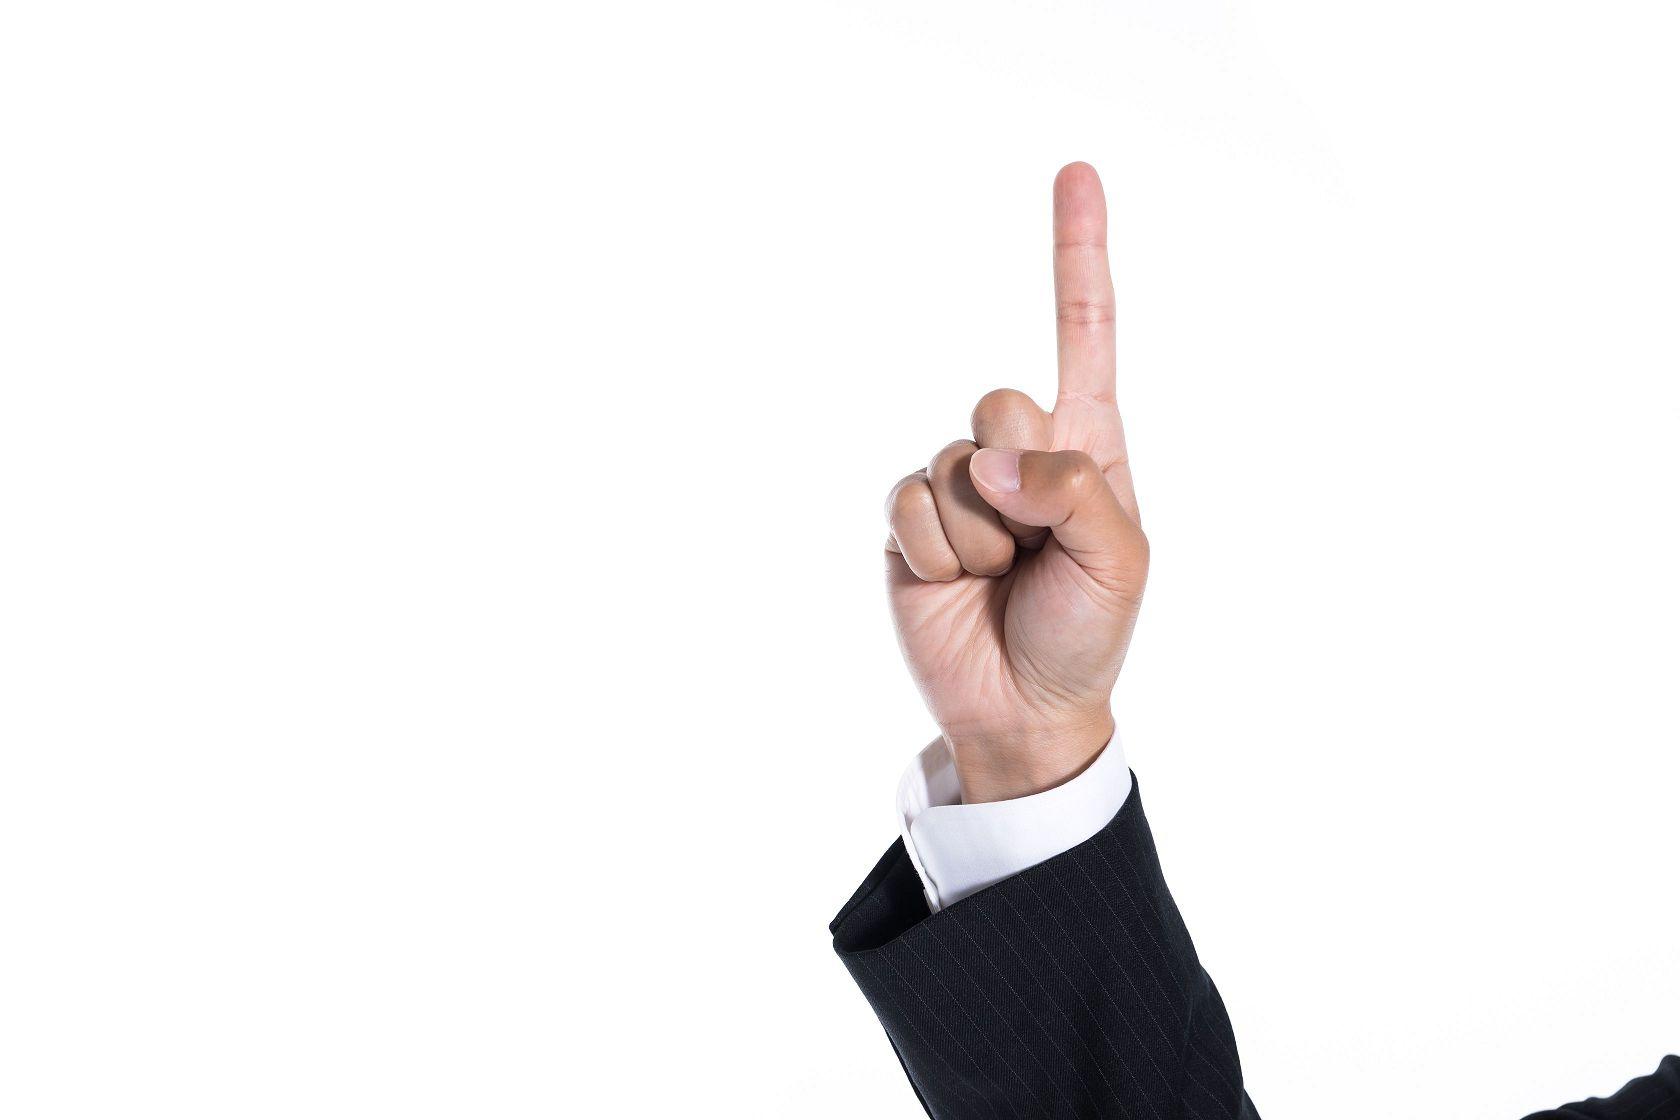 ポイントを説明している人の手